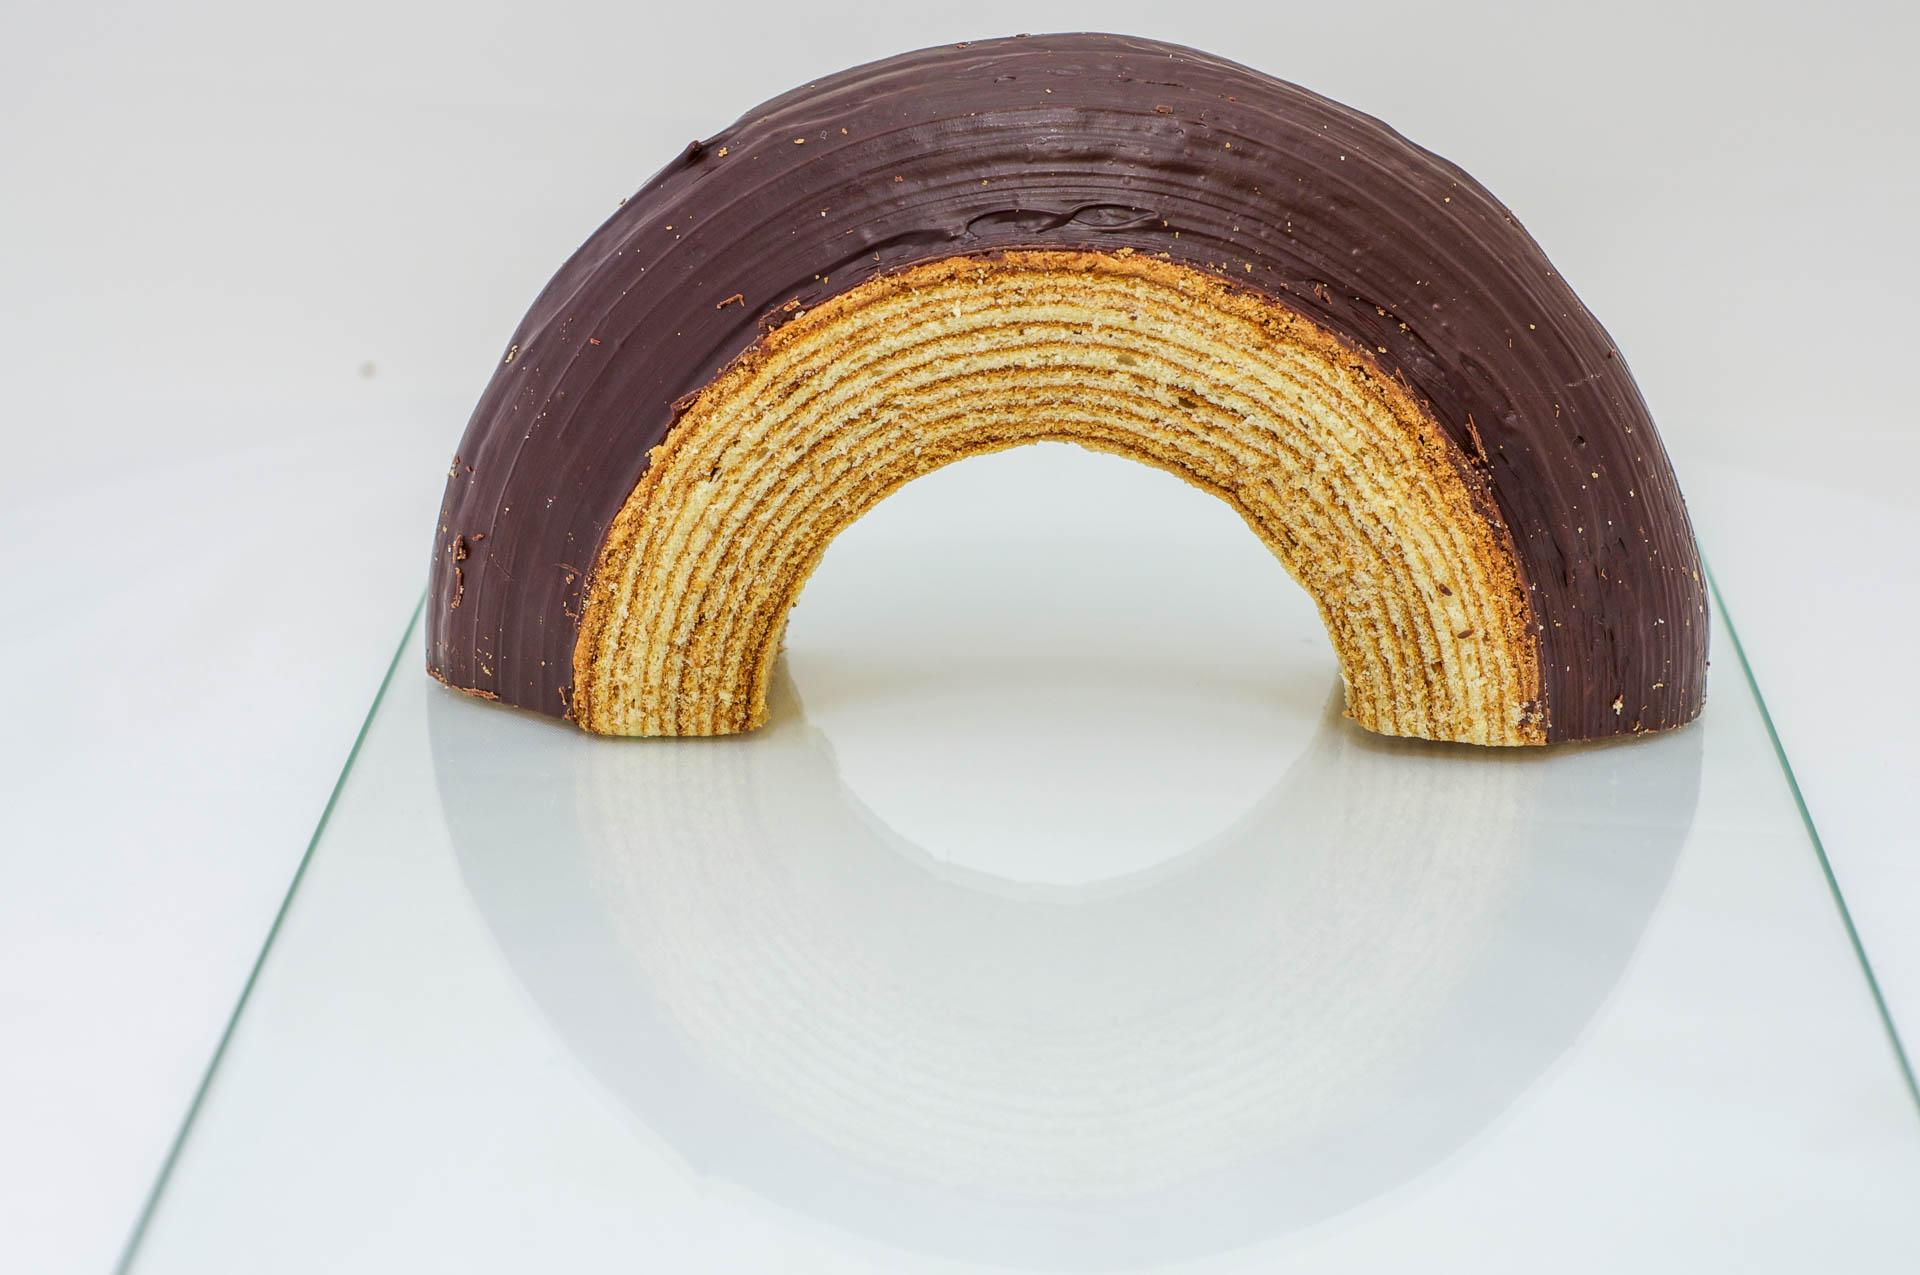 Halber Baumkuchen Ring, man erkennt gut die Struktur der einzeln gebackenen Schichten